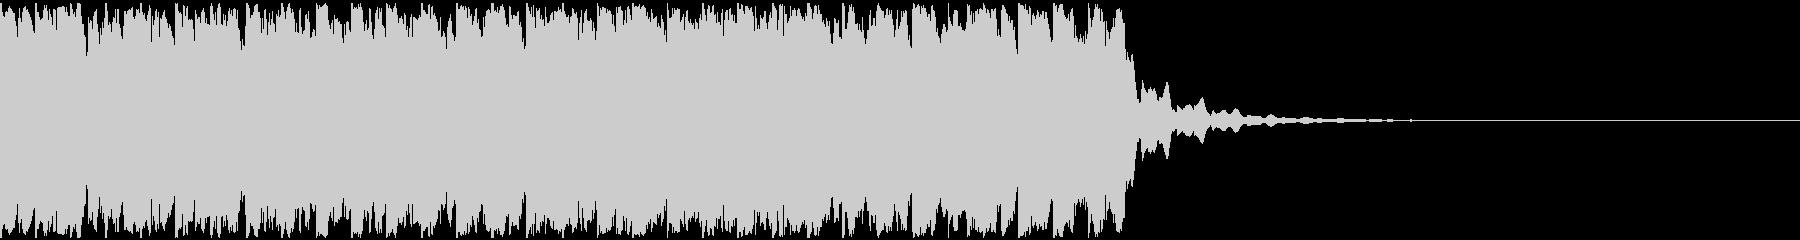 【アンビエント】ロング1、ジングル1の未再生の波形